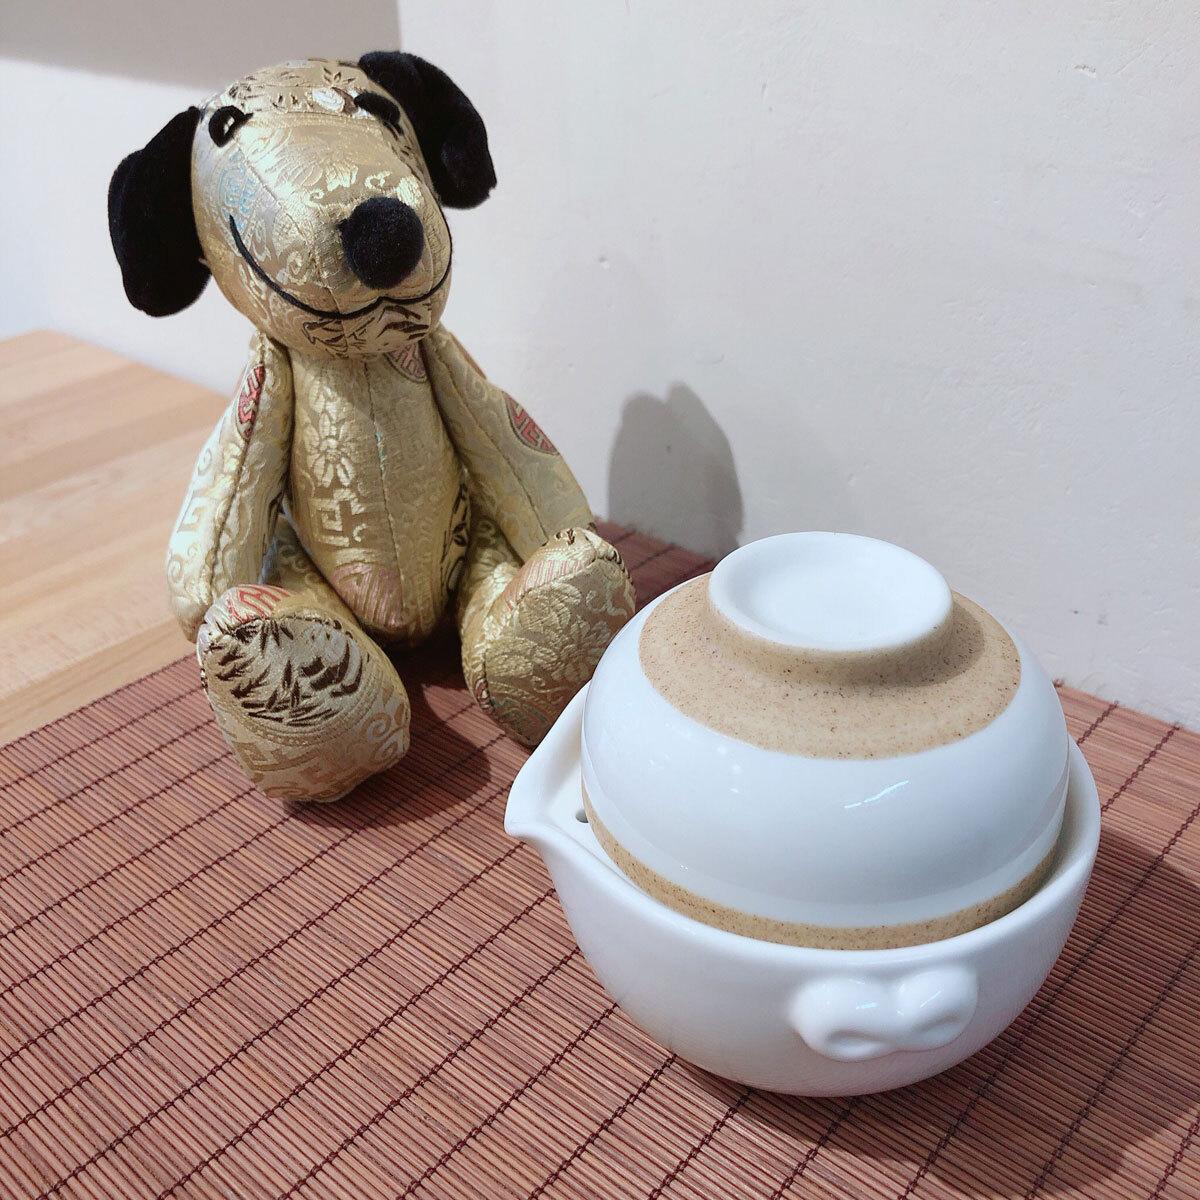 《お試し茶葉付》オールインワン茶器セット【白茶色】